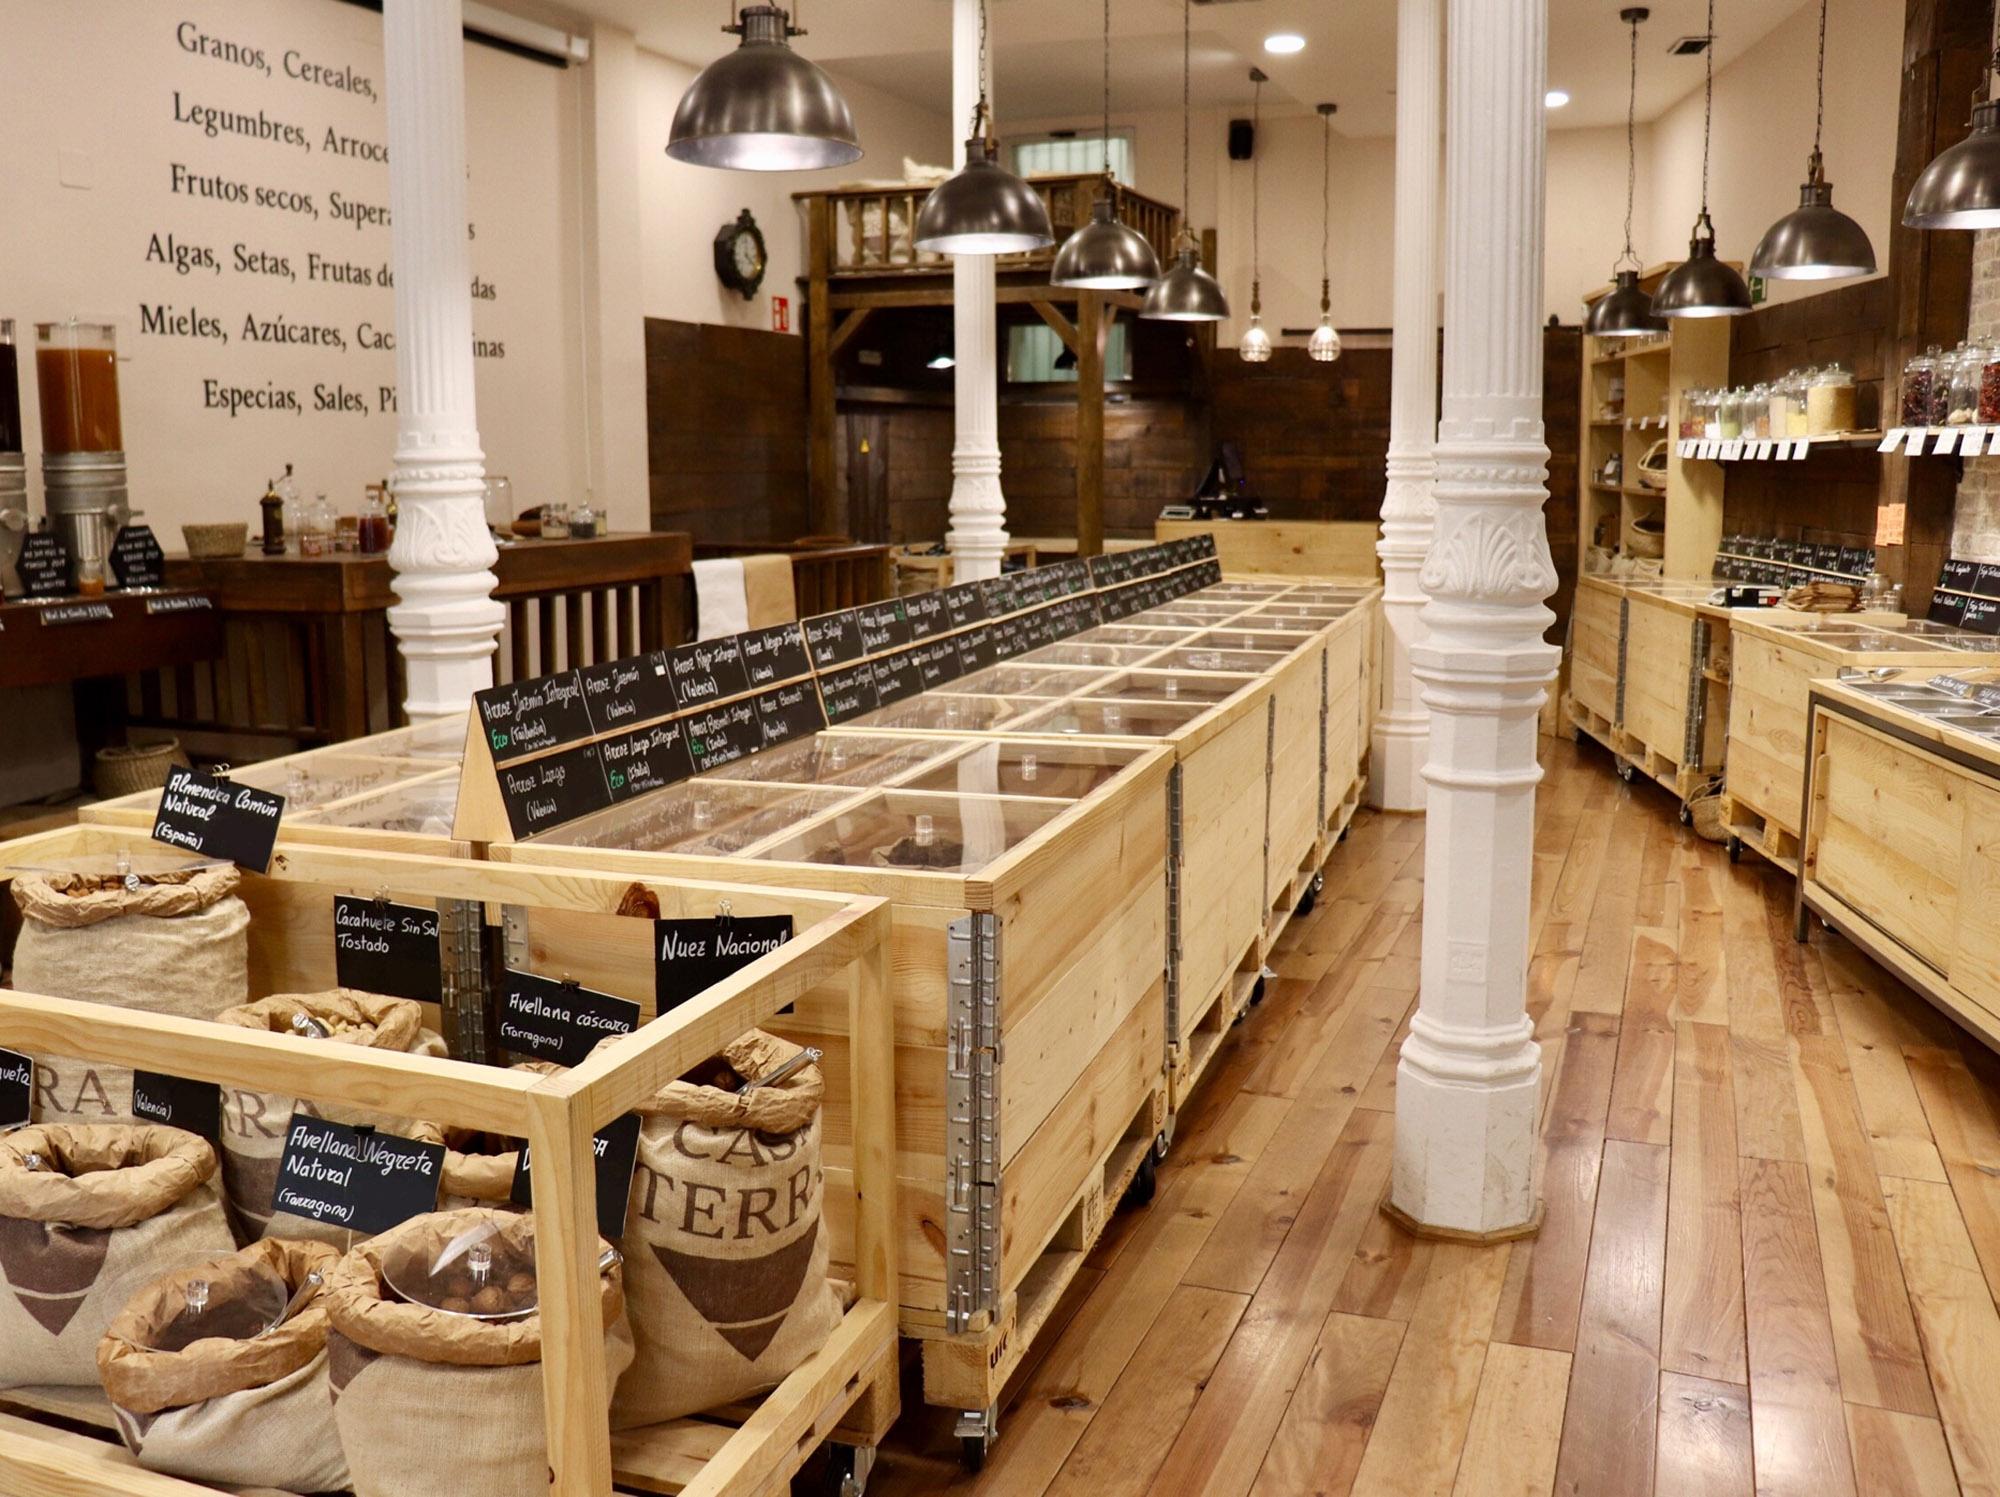 Casa Terra - Interior de la tienda